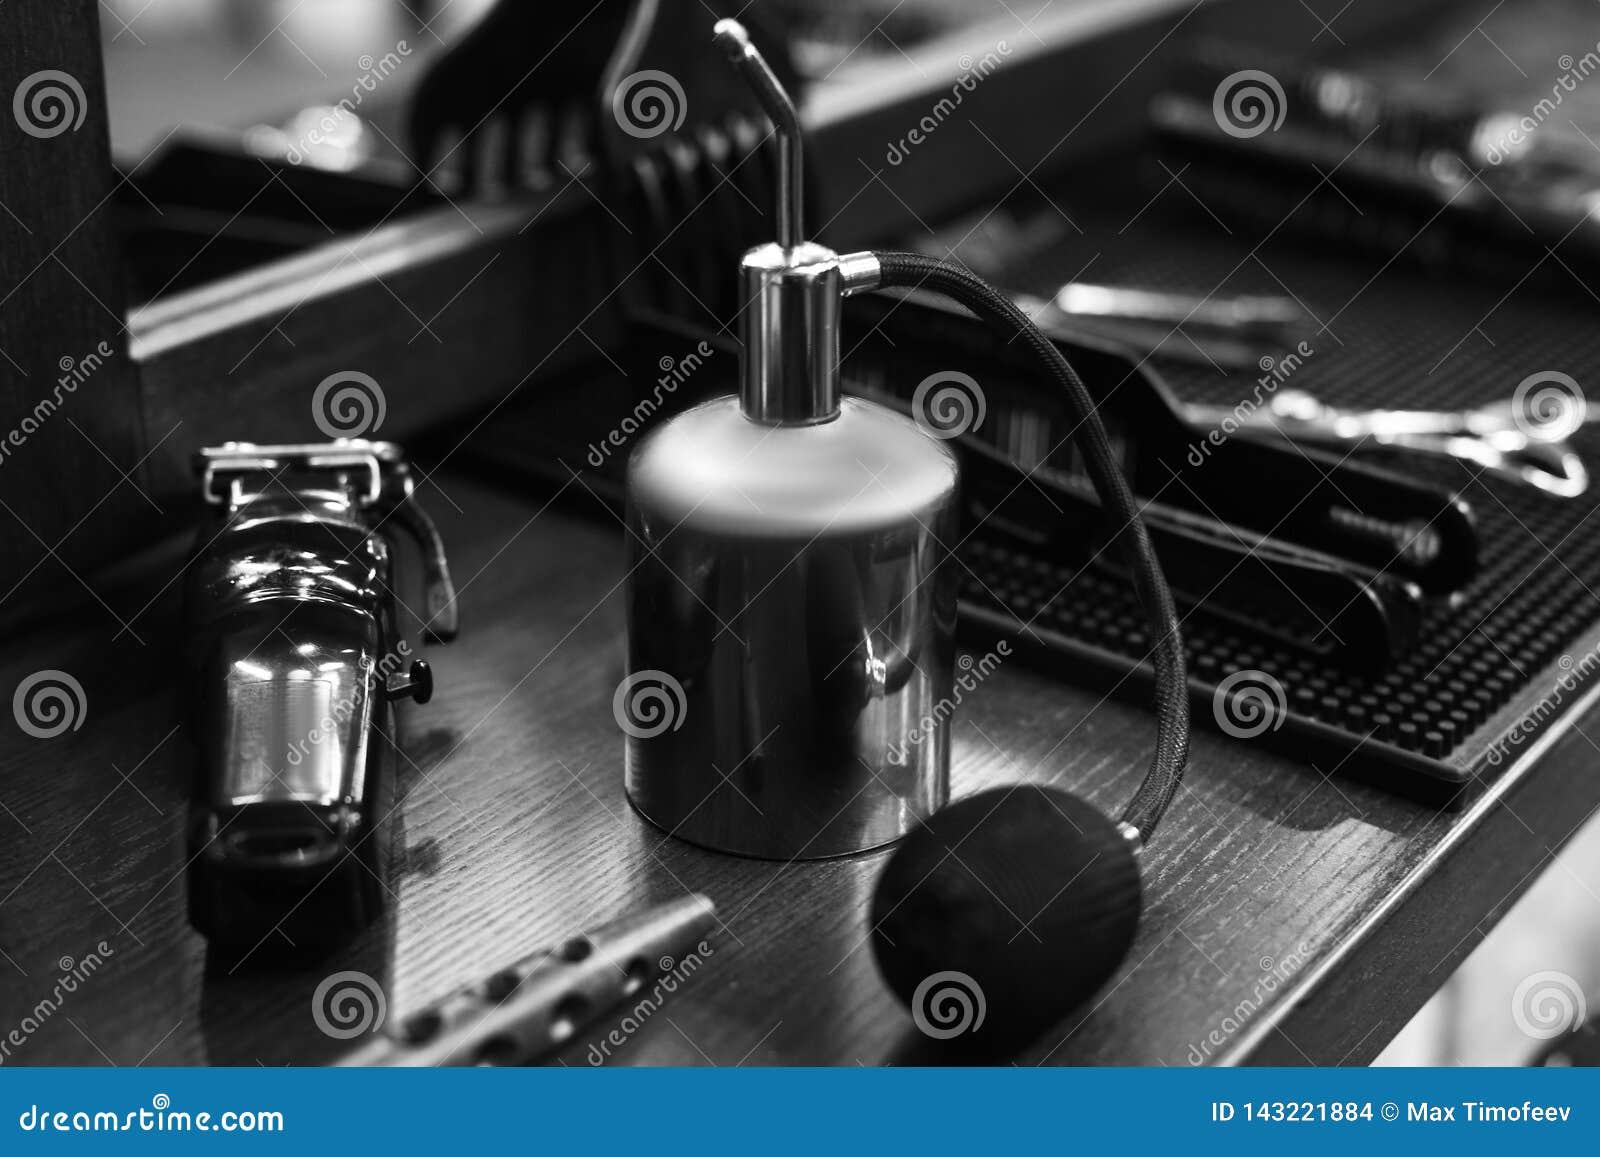 De werkplaats van de kapper Hulpmiddelen voor een kapsel Zwart-wit beeld